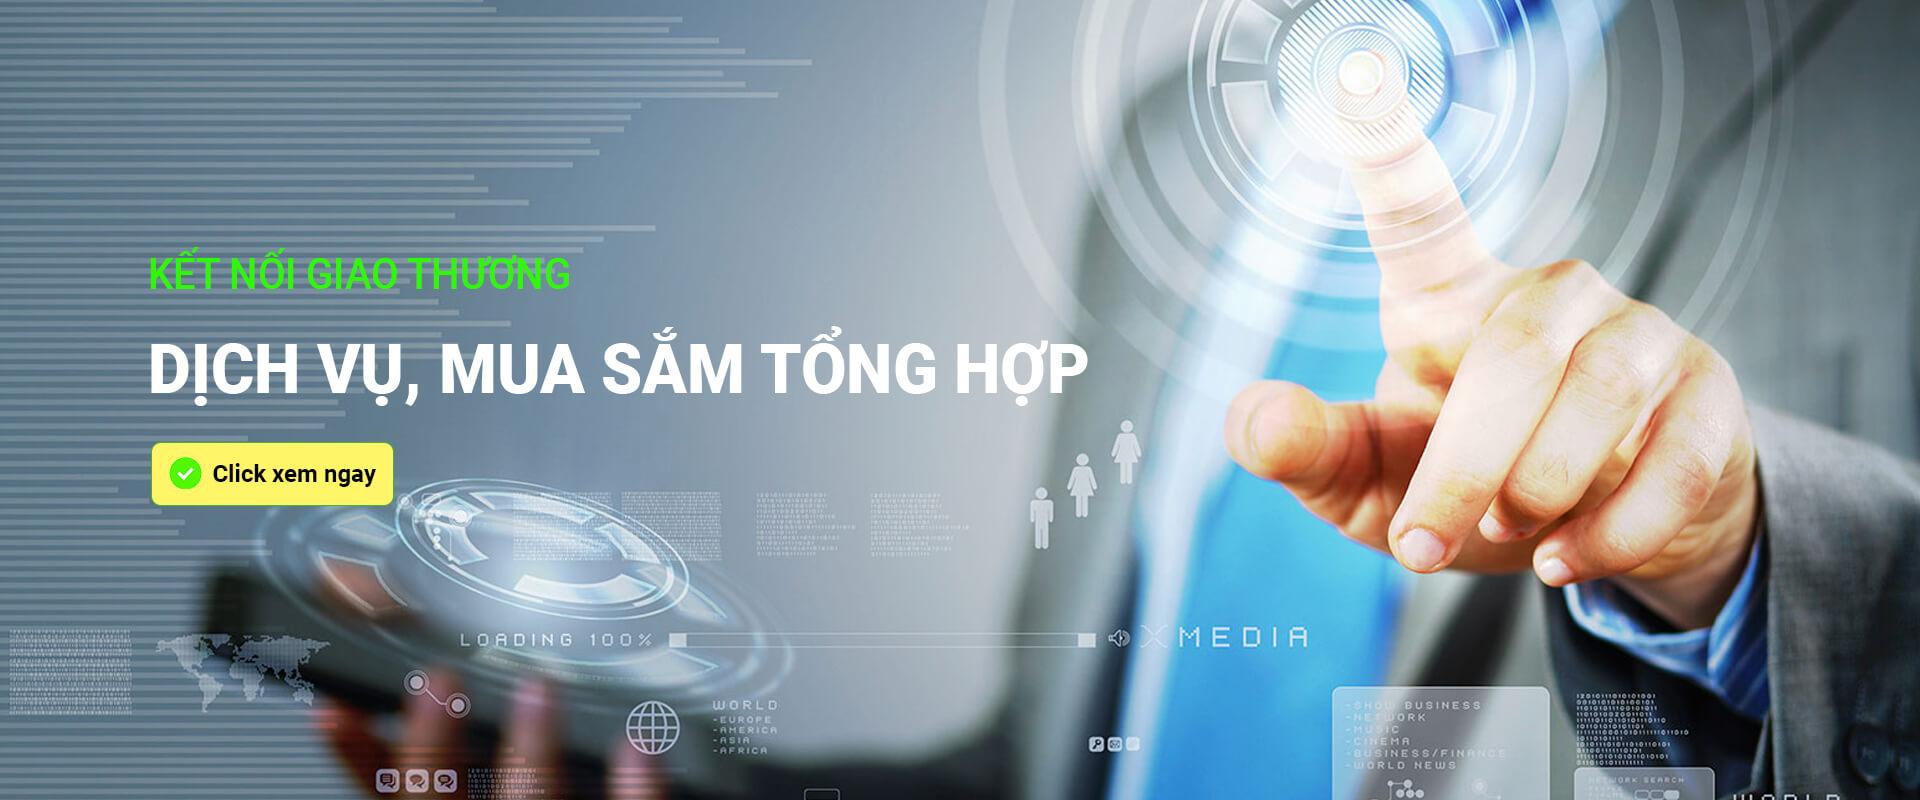 Kênh kết nối giao thương uy tín hàng đầu Việt Nam